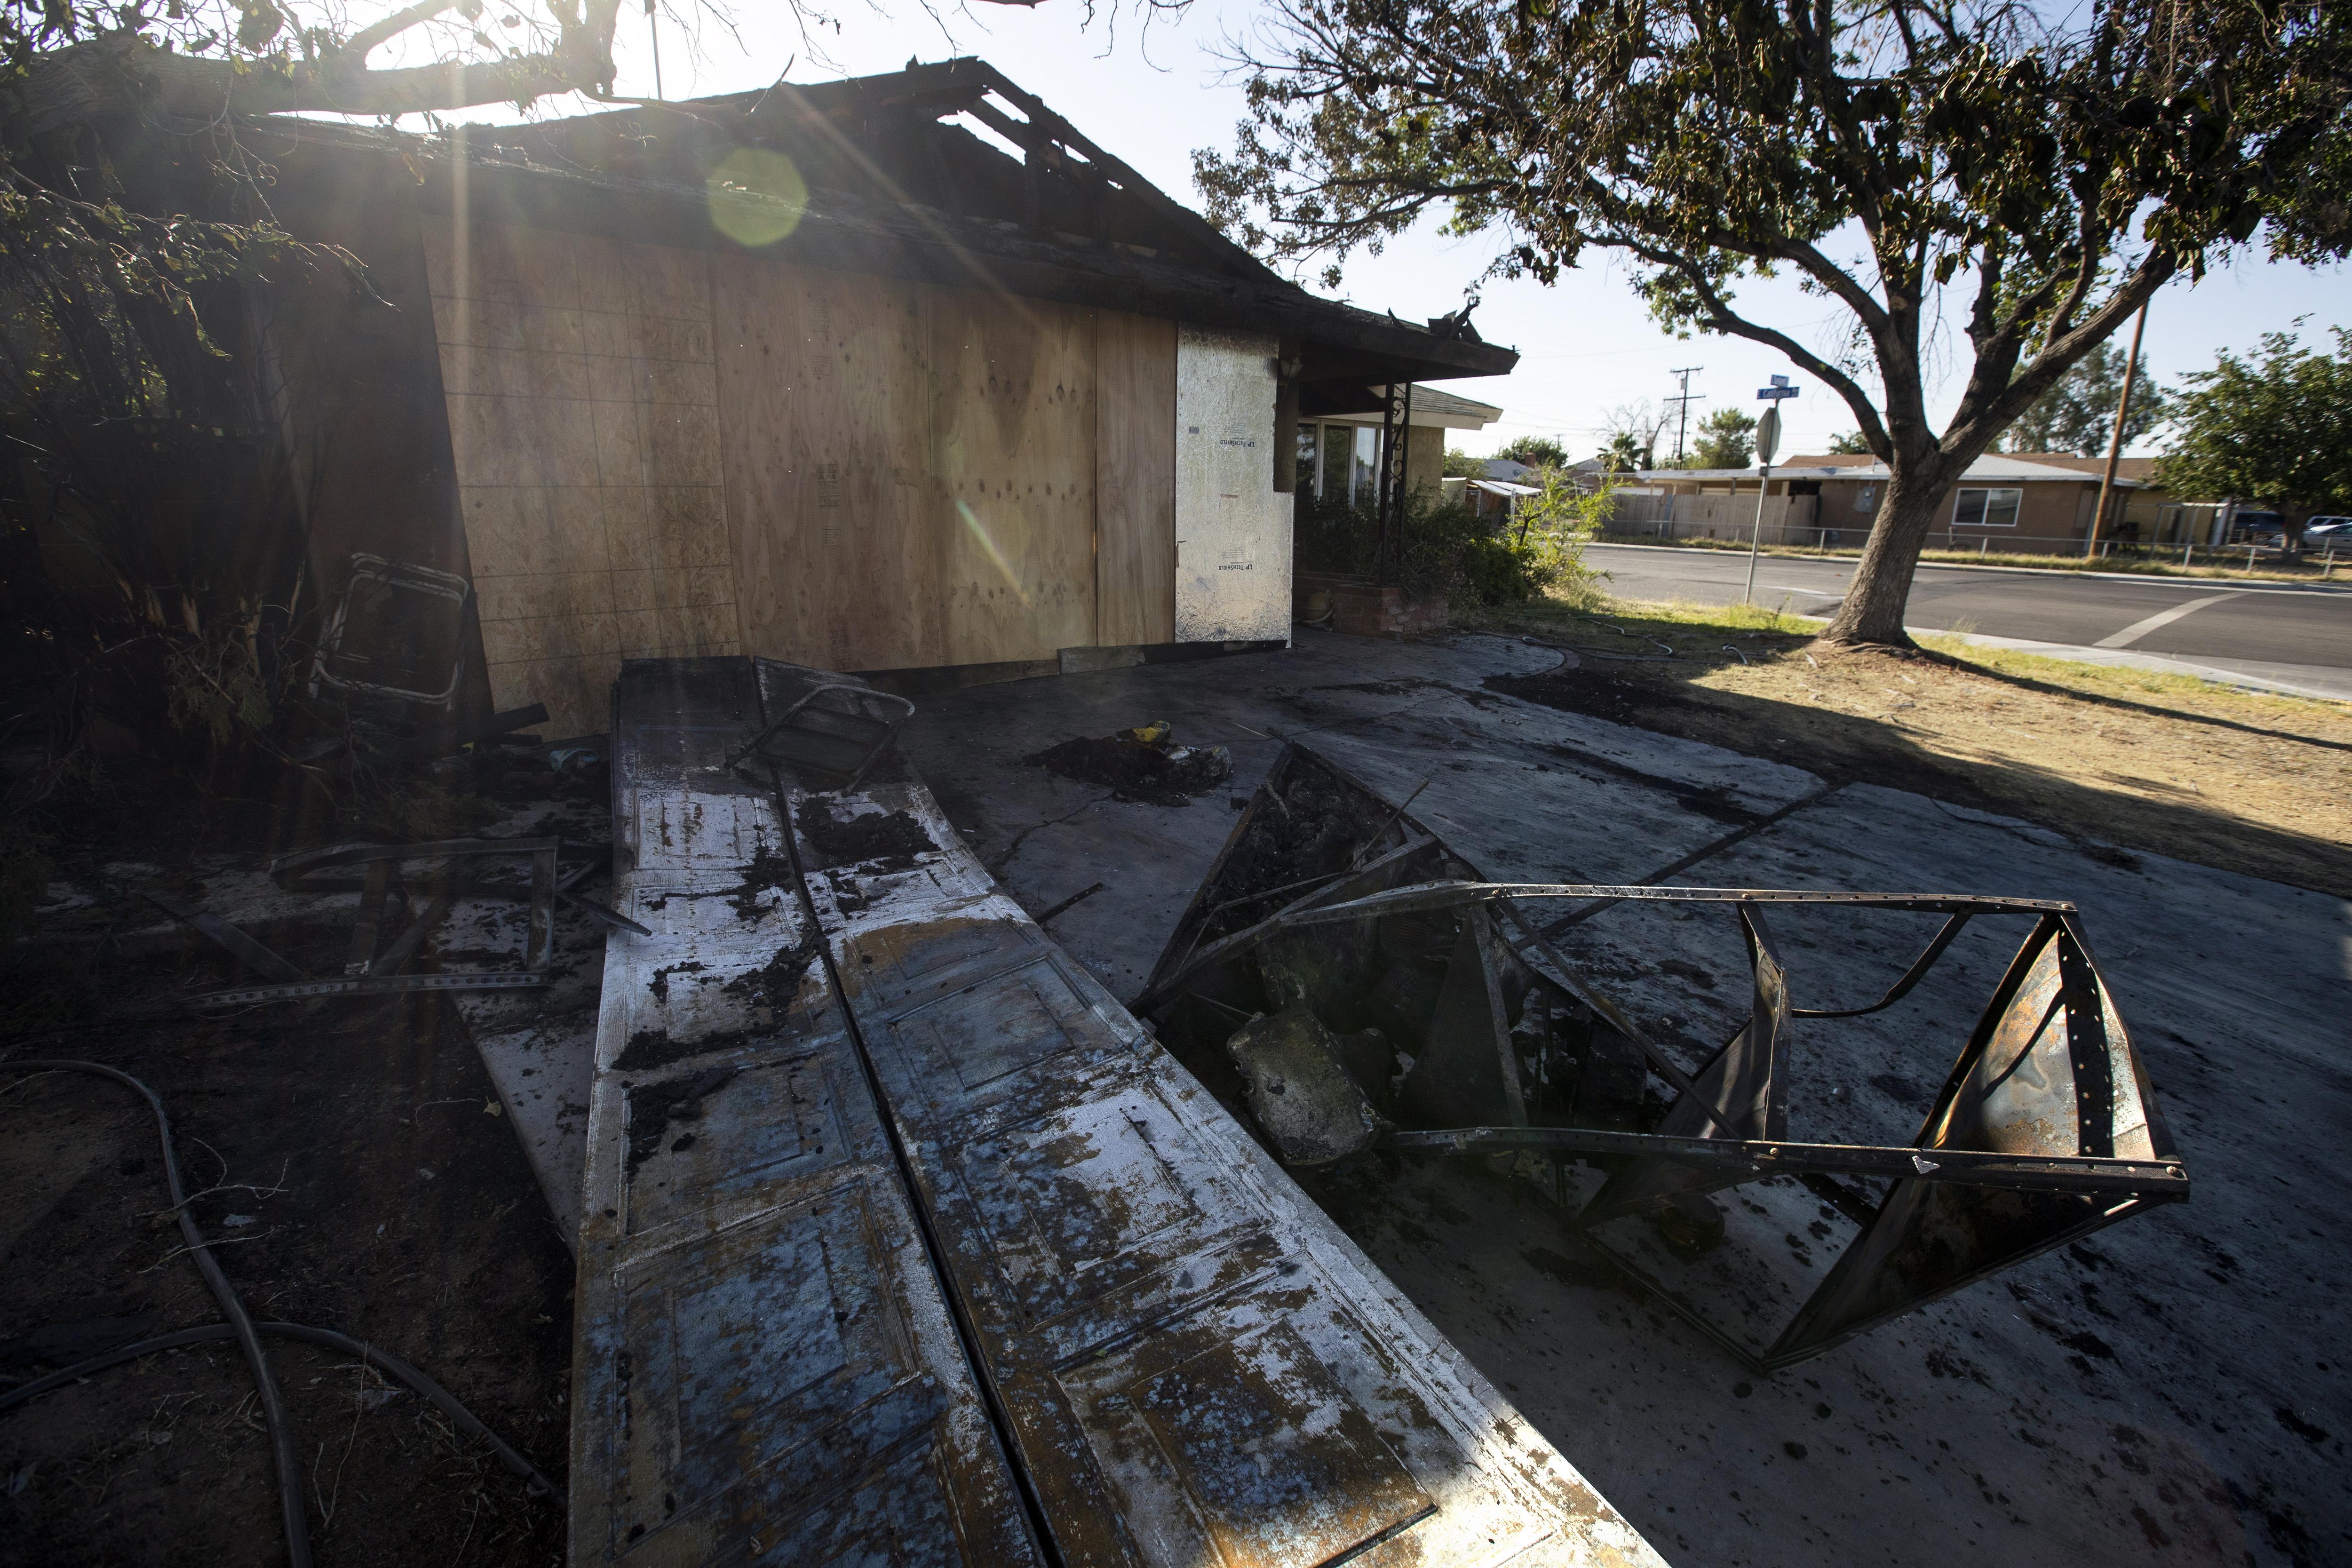 В четвъртък земетресение с магнитуд 6,4 беше регистрирано в Южна Калифорния близо до град Риджкрест, на около 175 км североизточно от Лос Анджелис, на дълбочина от 9 км, съобщи Геофизичният институт на САЩ. То се смята за най-голямото в Южна Калифорния след земетресението с магнитуд 6,6 от 1994 г. в Нортридж, което стана в гъстонаселен район на Лос Анджелис и причини щети за милиарди долари.